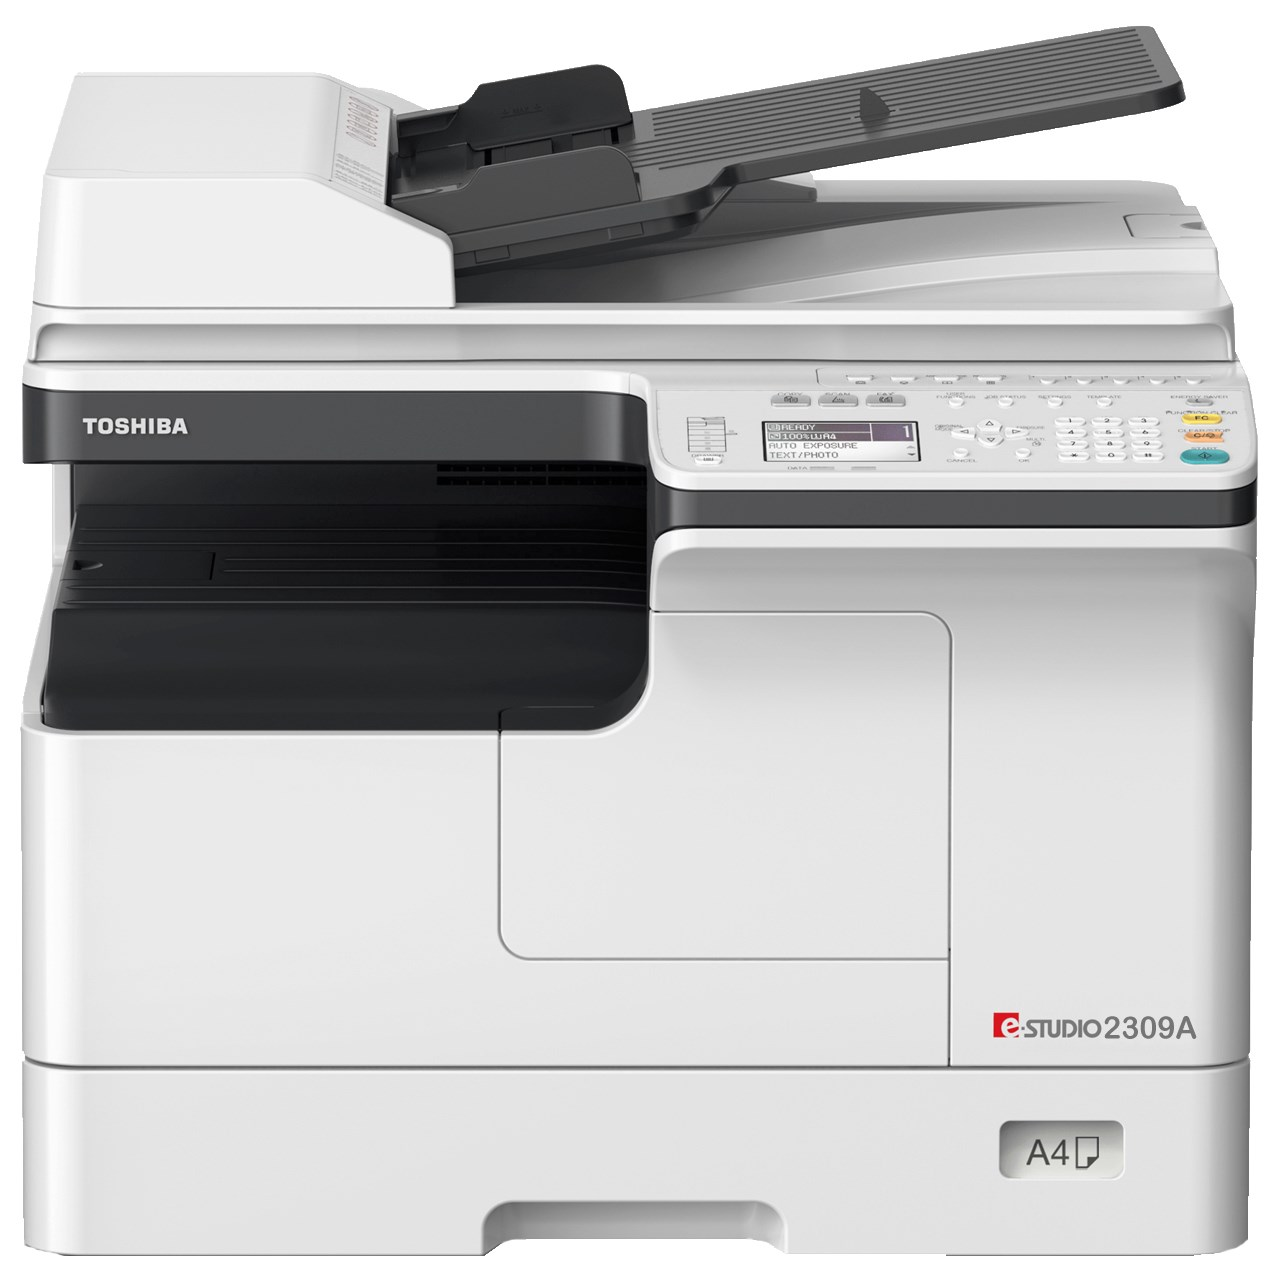 دستگاه کپی چاپ دوروی توشیبا مدل e-STUDIO 2309A